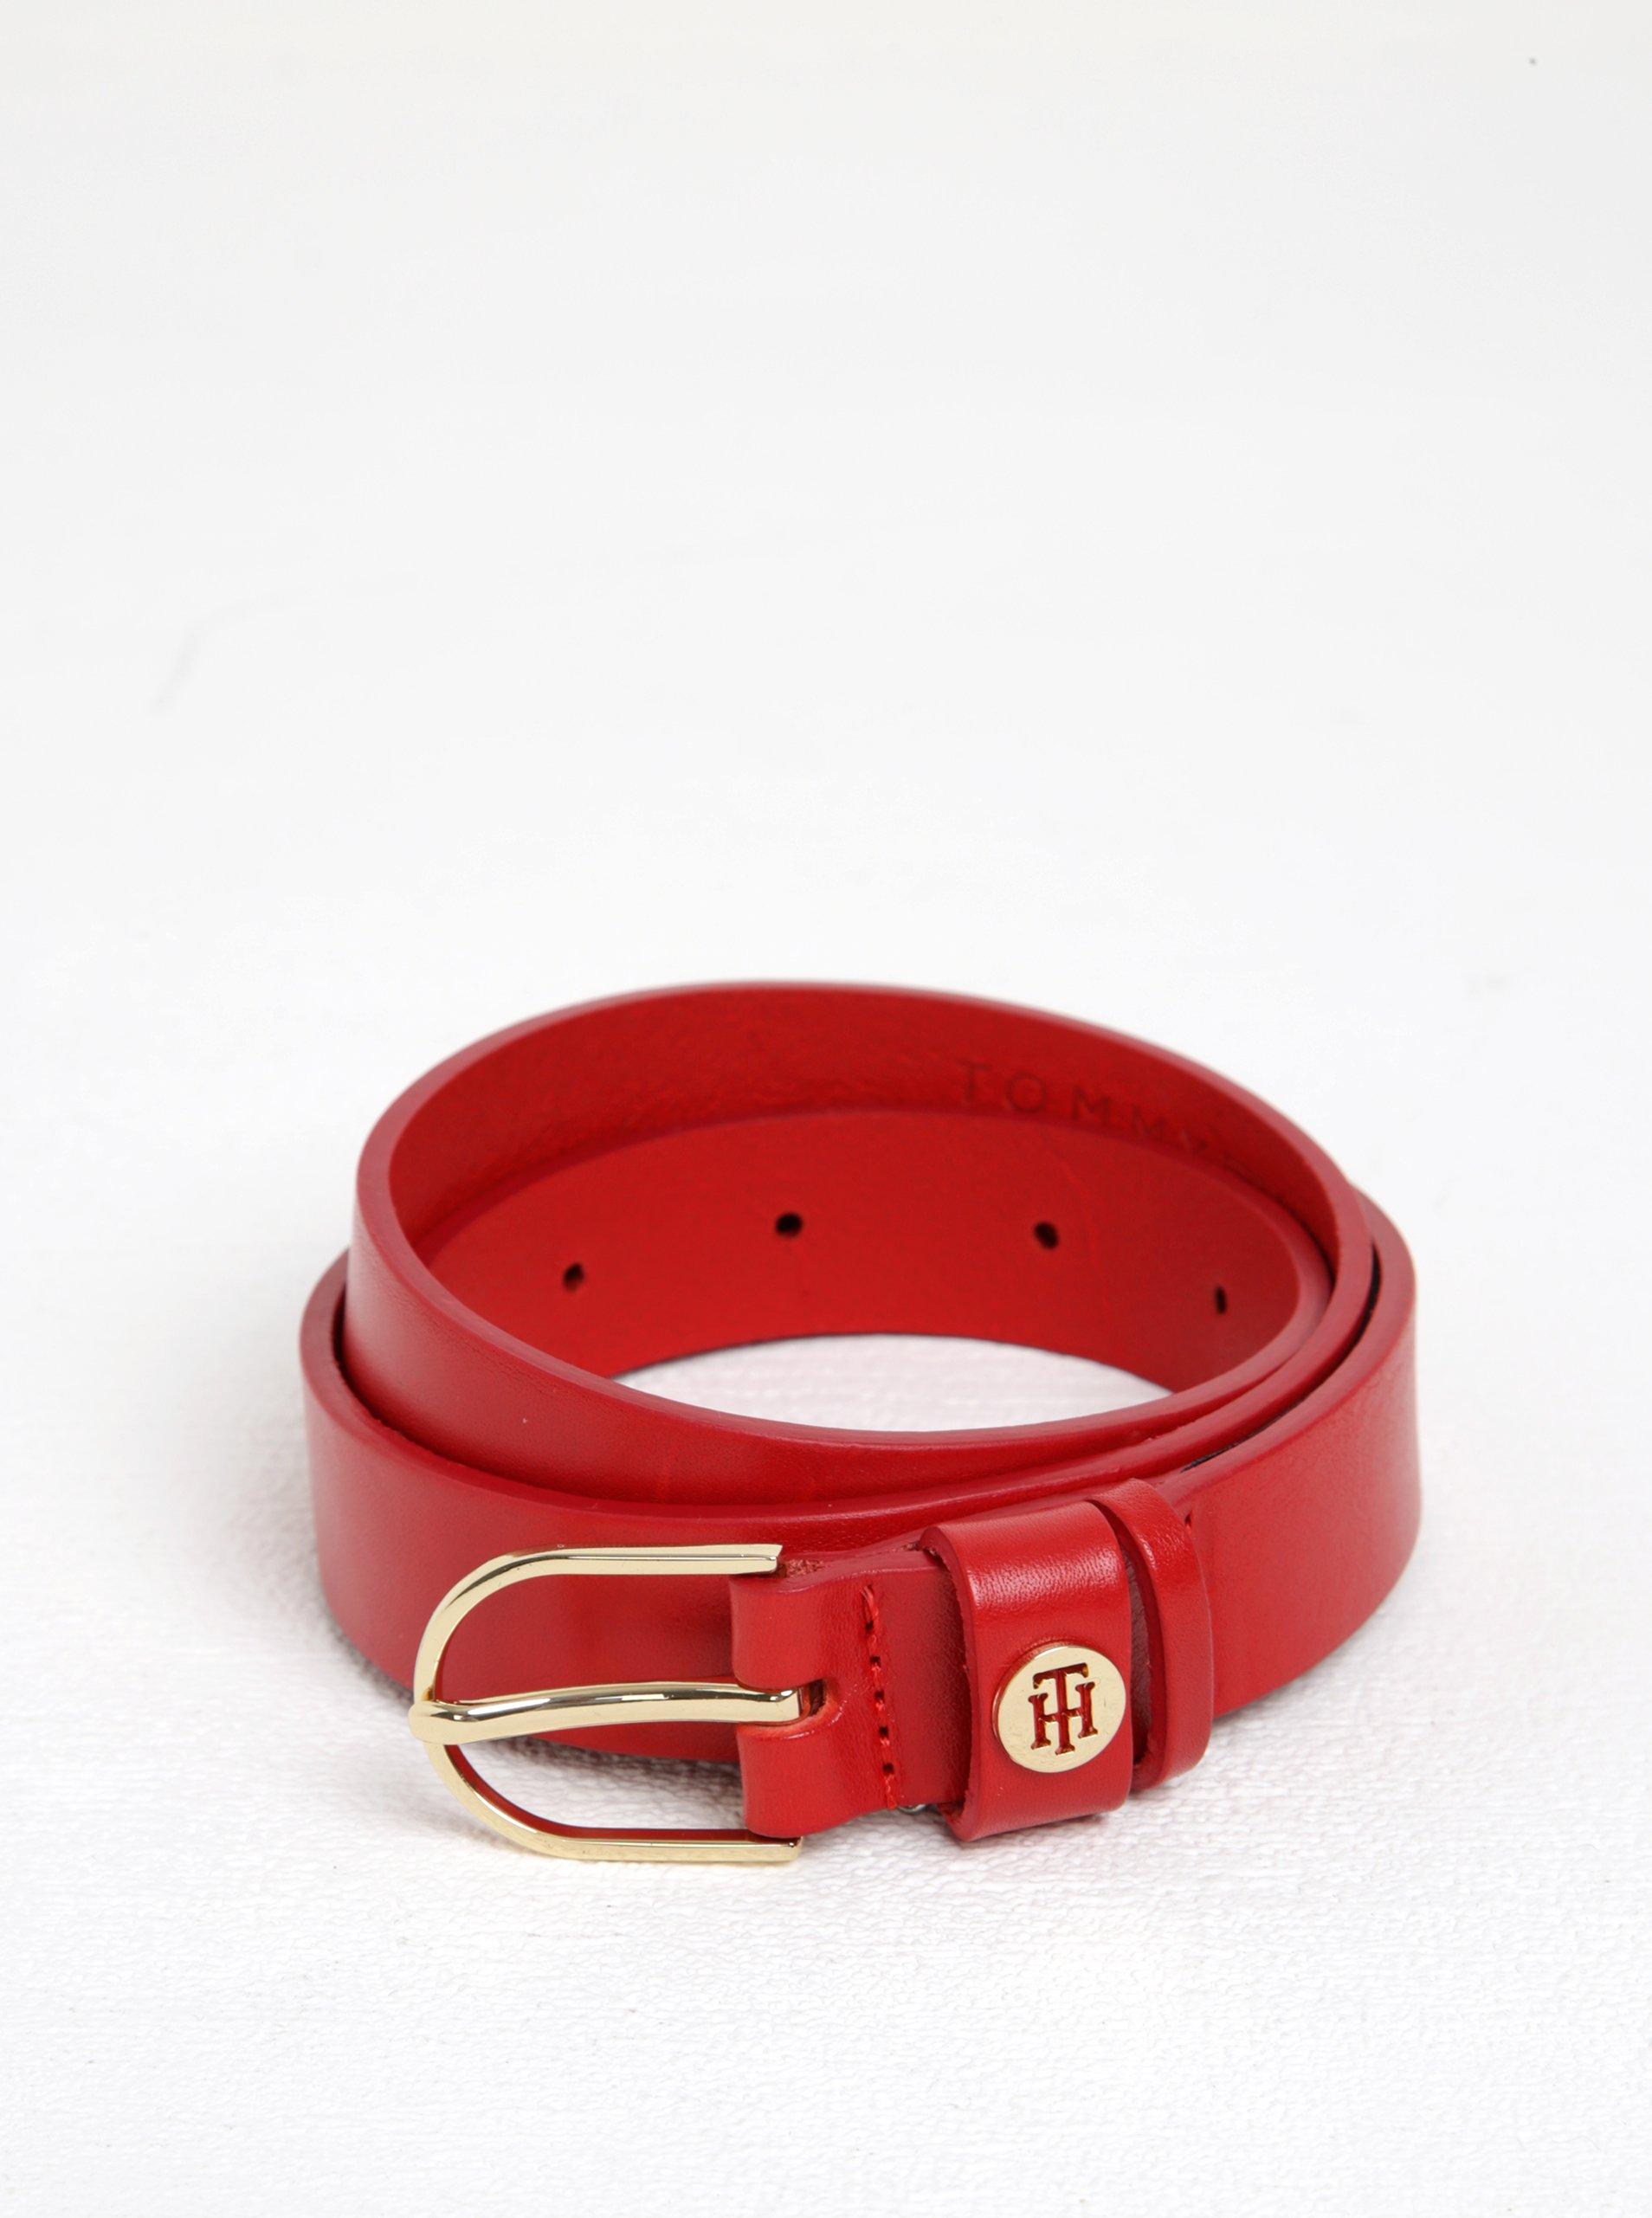 Červený dámský kožený pásek s přezkou ve zlaté barvě Tommy Hilfiger